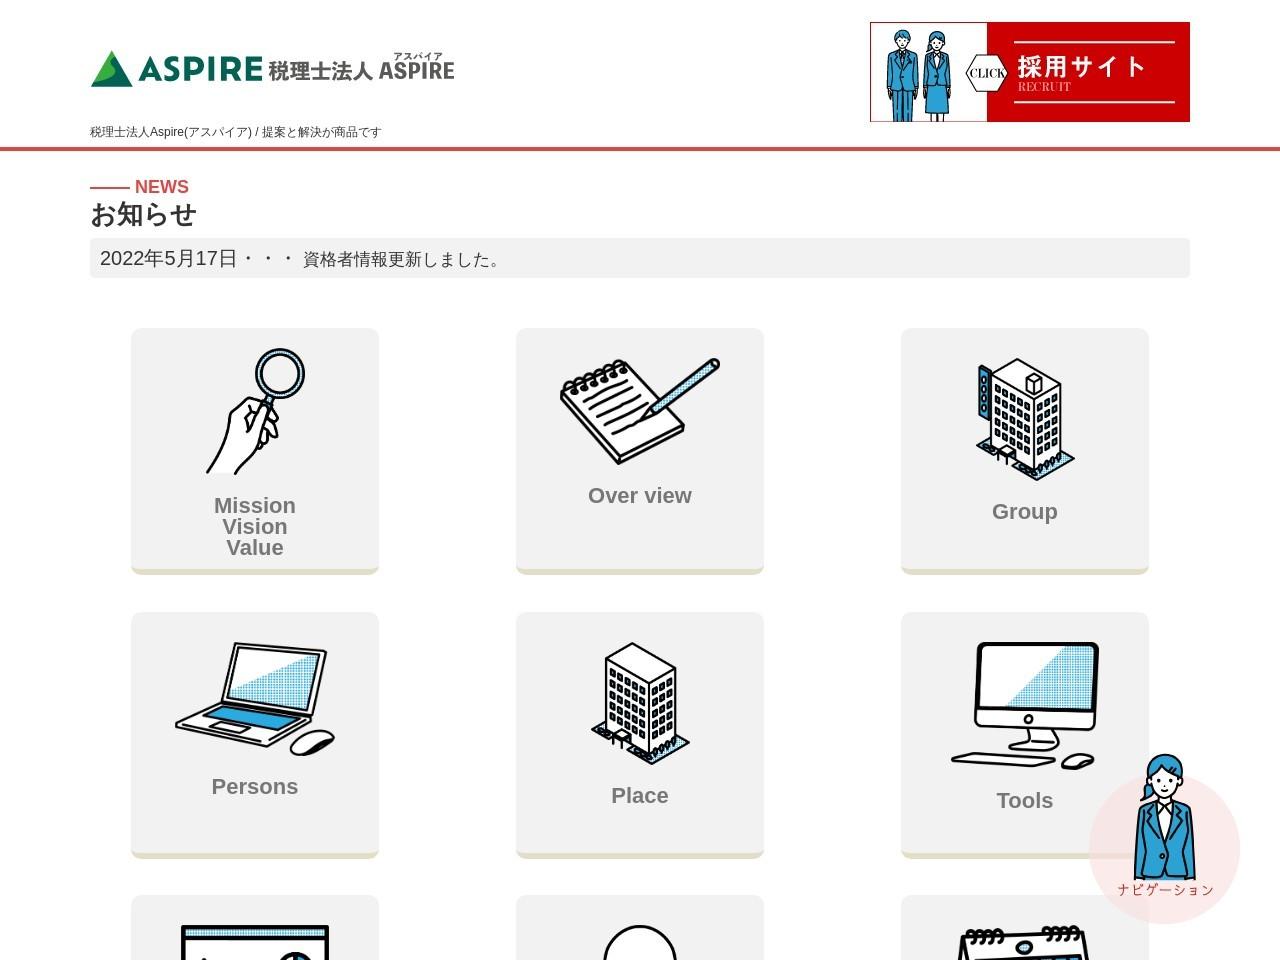 ASPIRE(税理士法人)